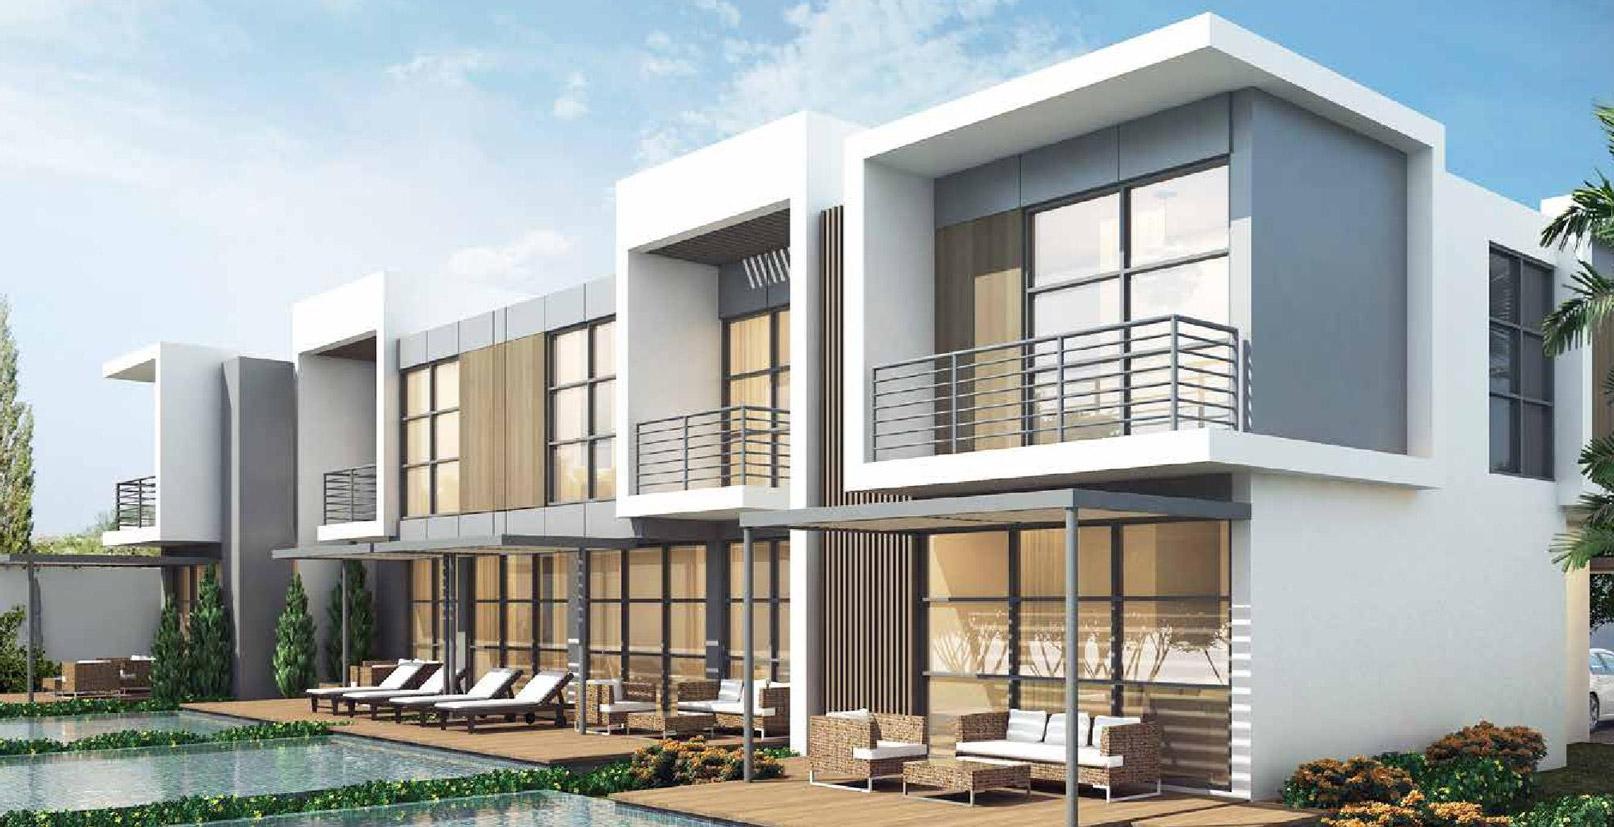 3 غرف نوم في فيلا بمساحة 158 م2، في اكويا ريلاكس من داماك العقارية